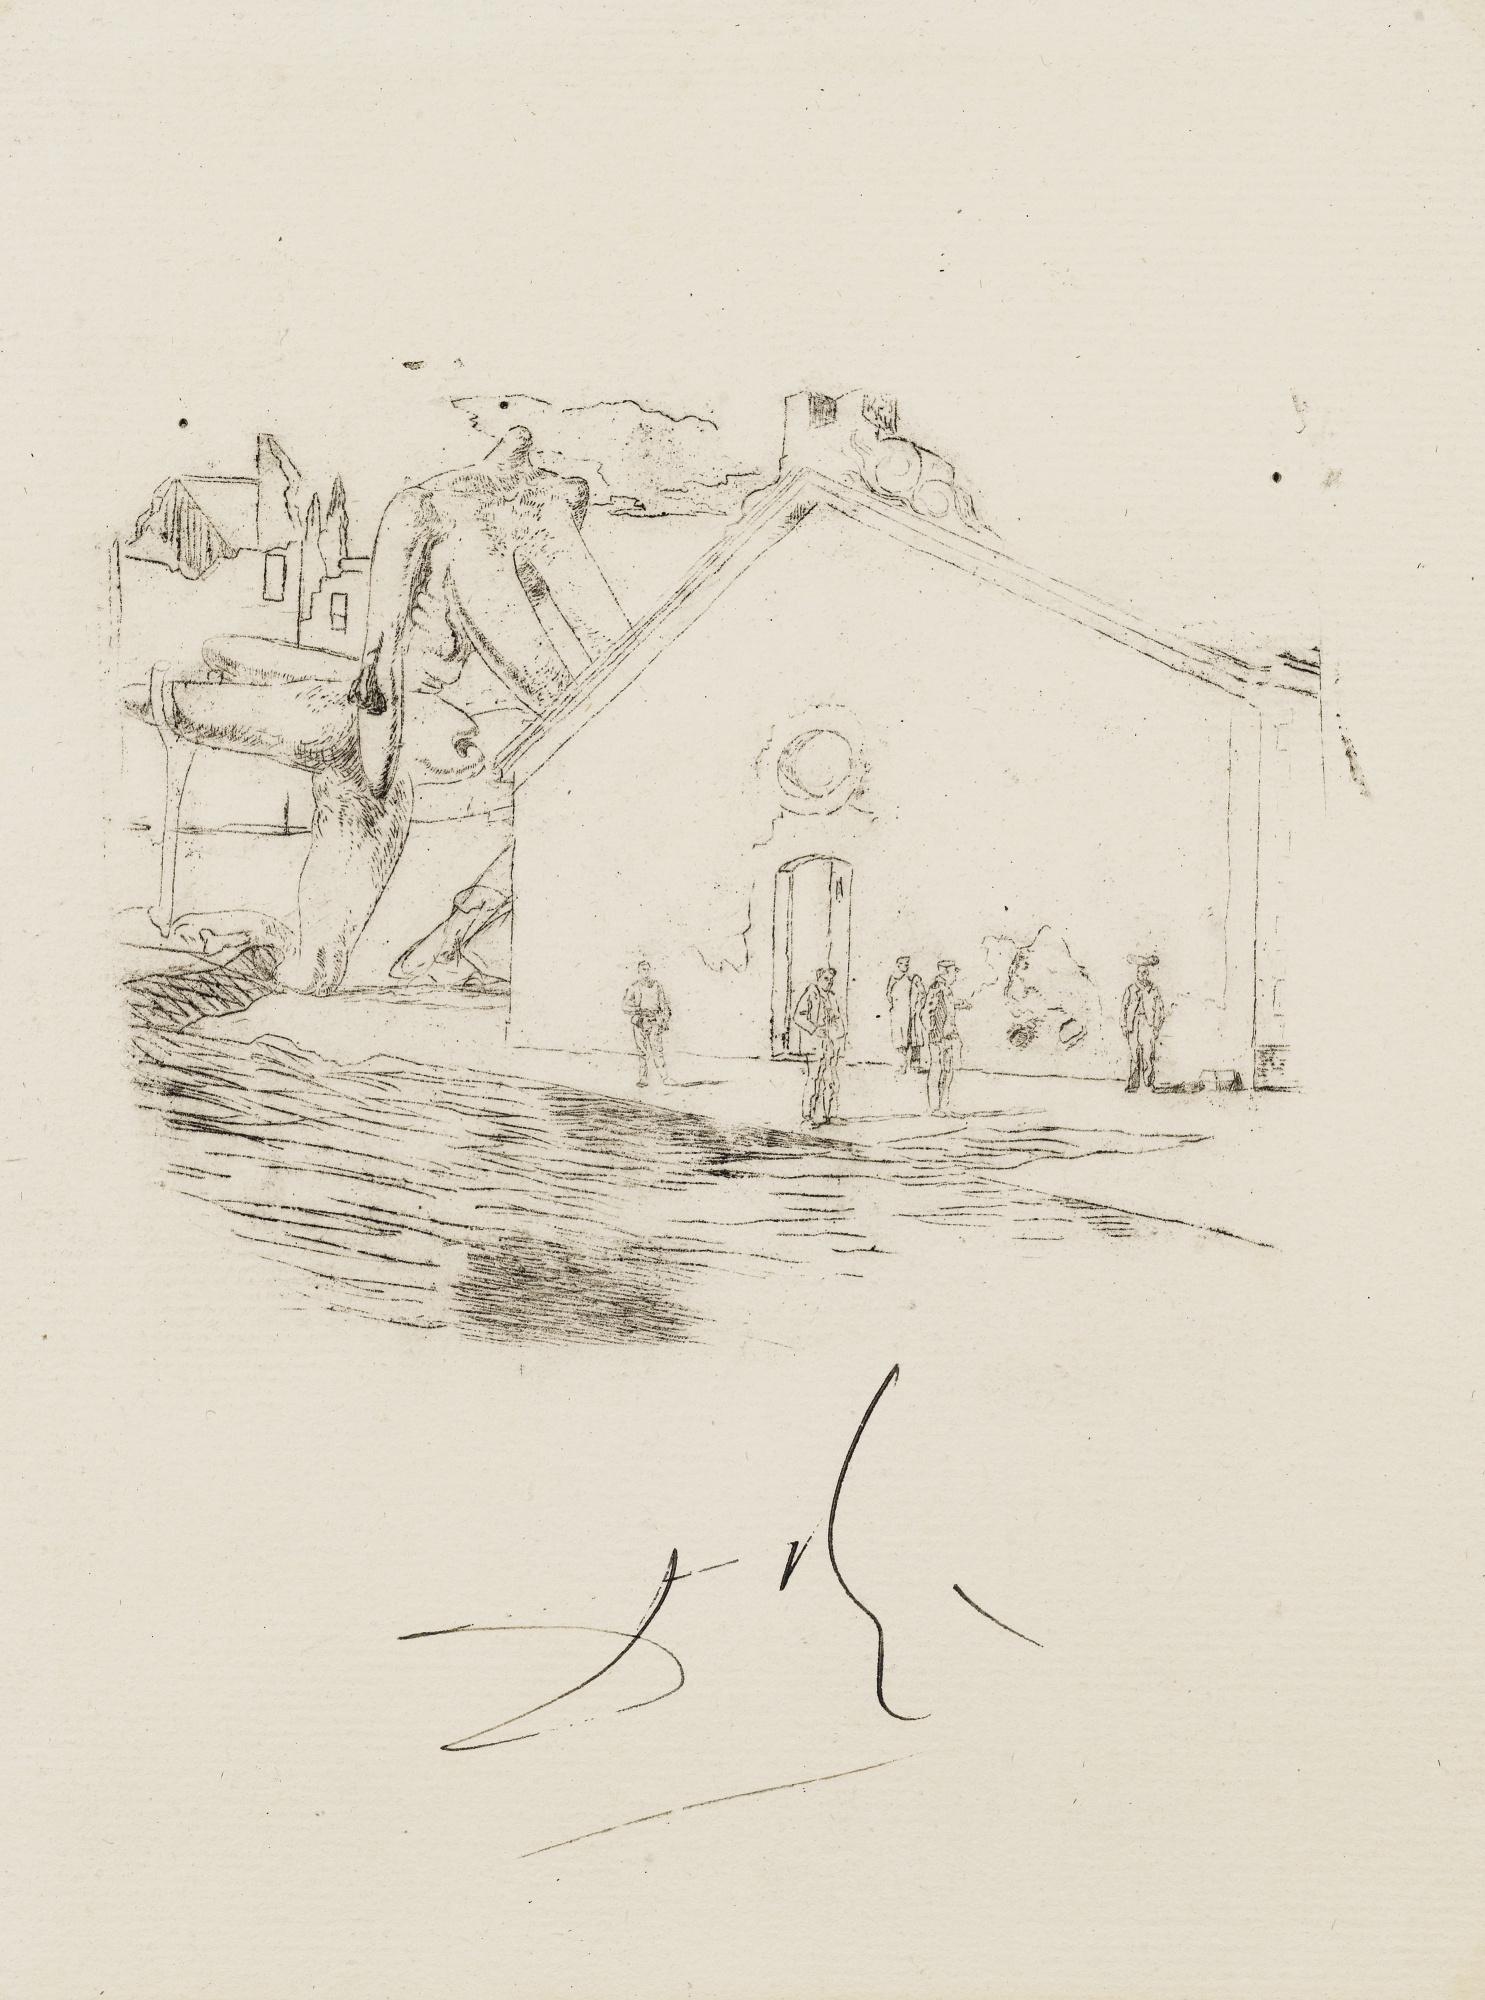 Salvador Dali-Maison En Bord De Mer, Sujet Non Retenu Pour Une Illustration Pour L'Ouvrage De Lautreamont Les Chants De Maldoror-1933